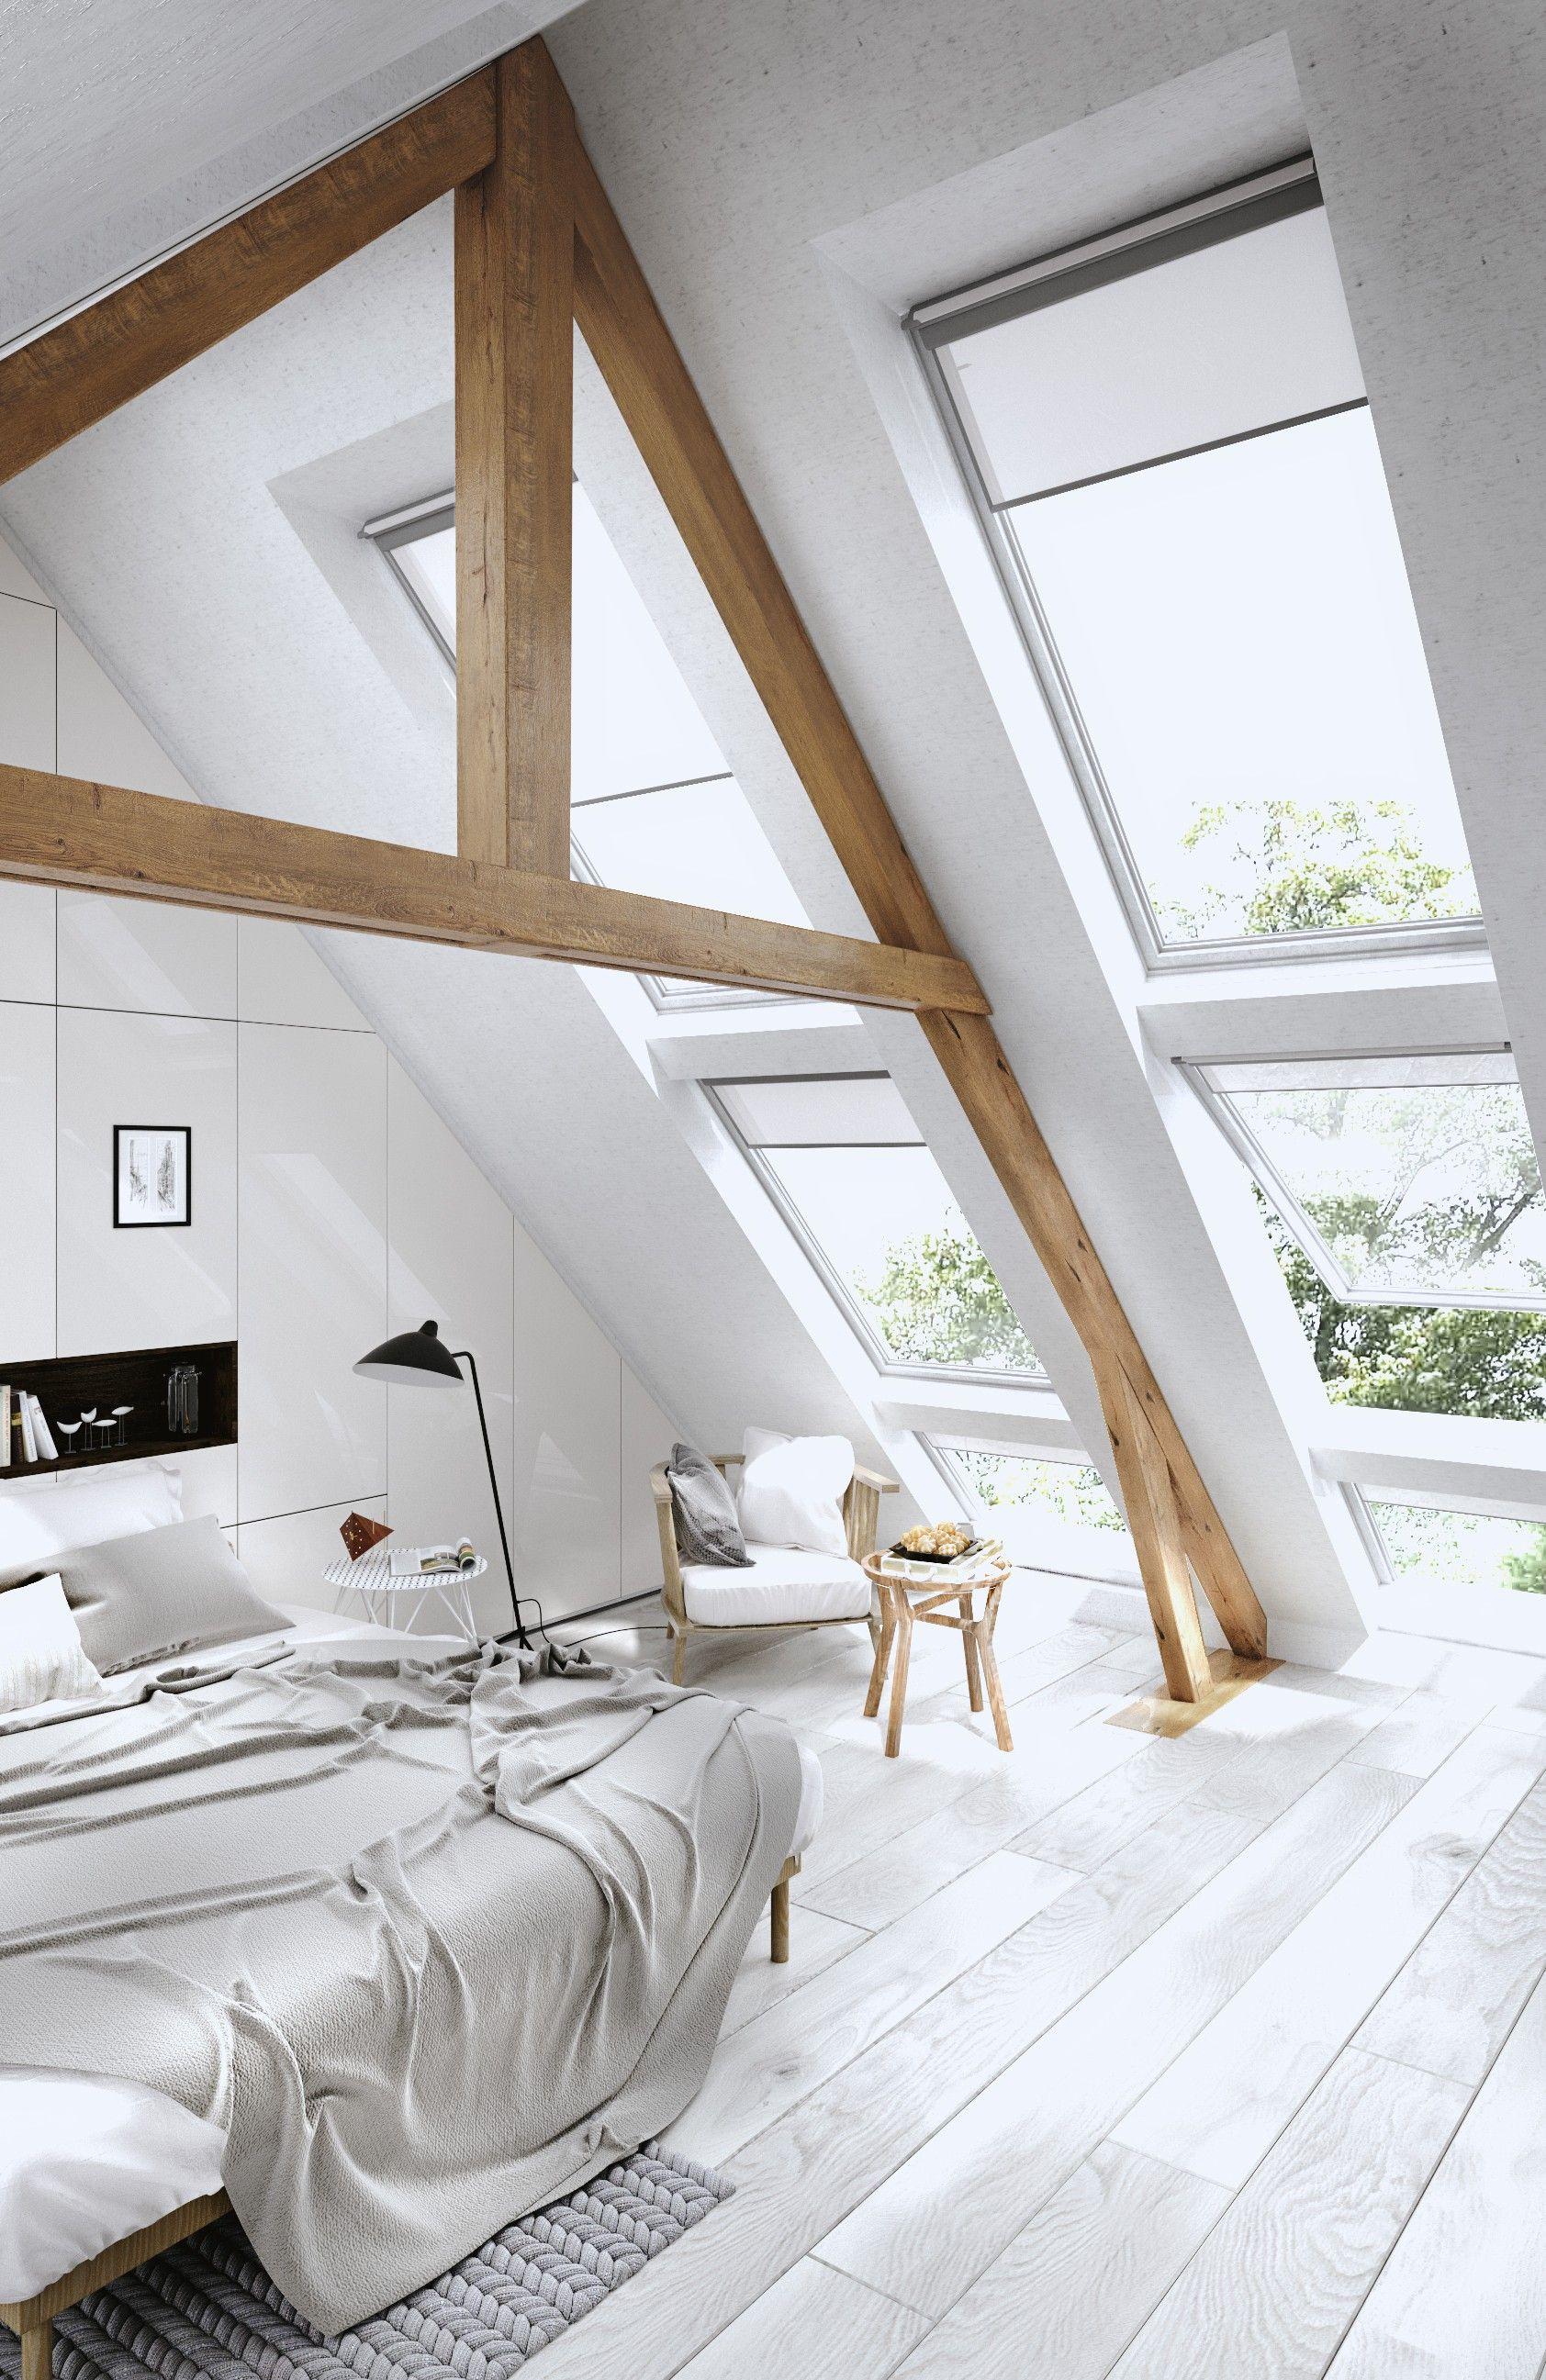 Dormitorio de estilo rústico moderno con vigas de madera expuestas